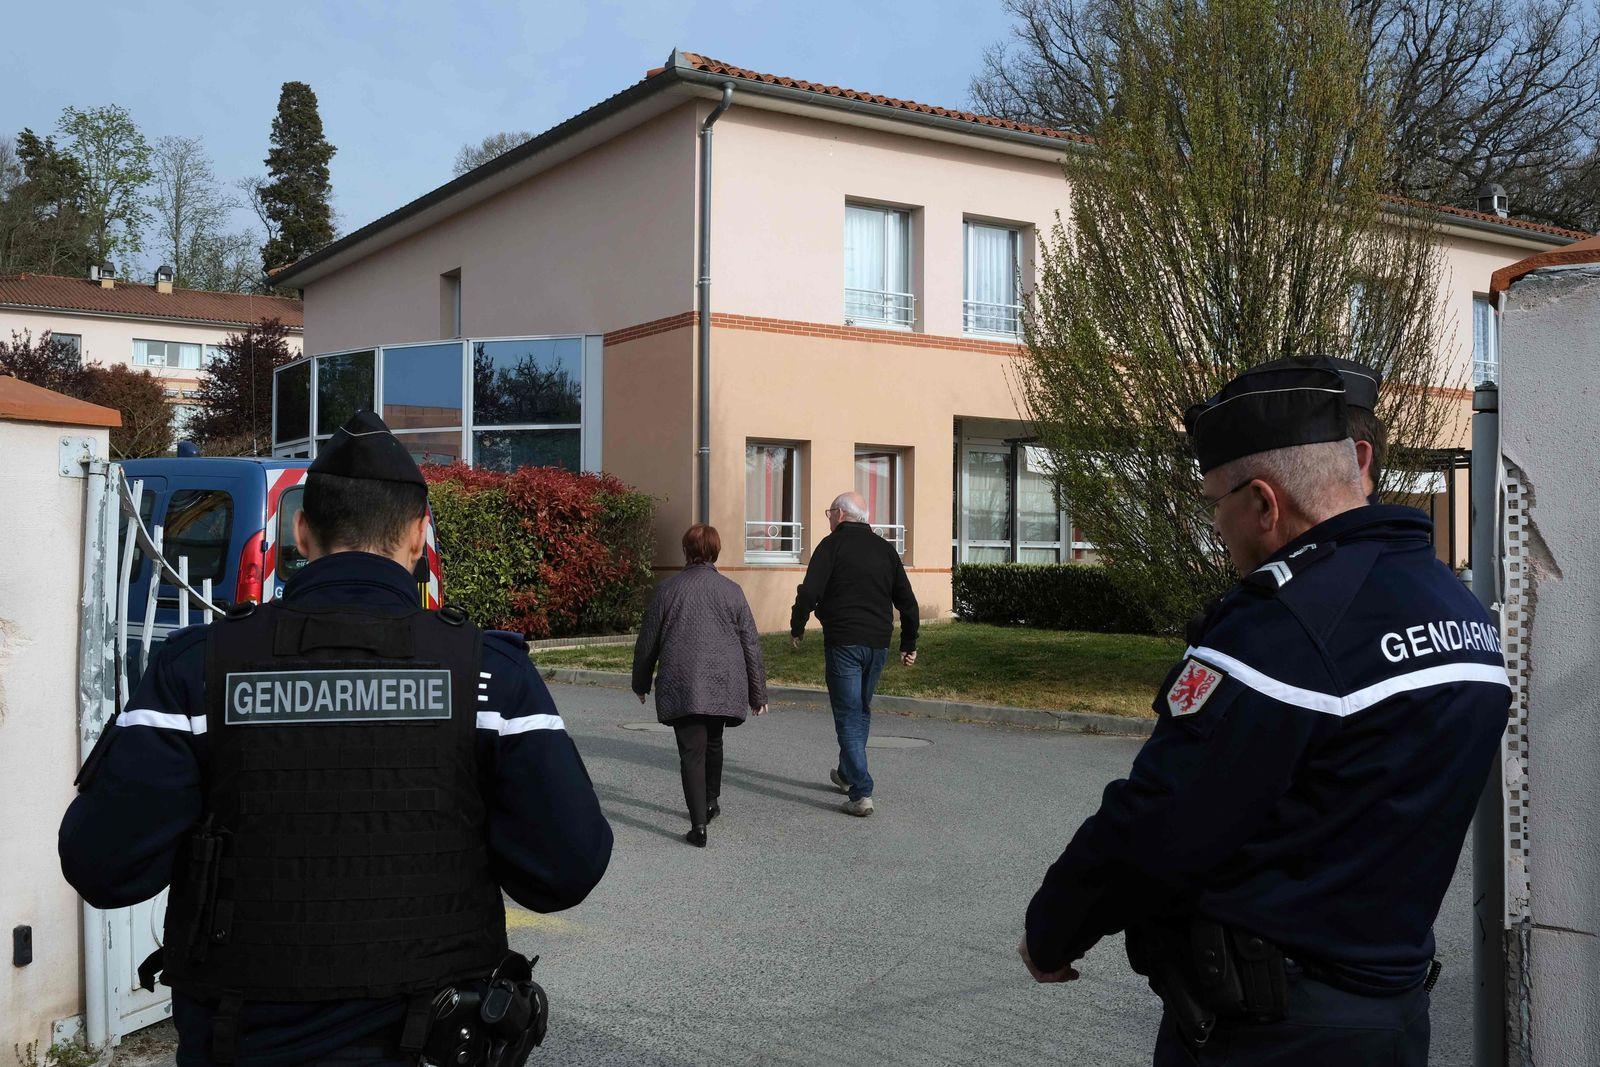 Polizisten vor dem Altersheim in Frankreich